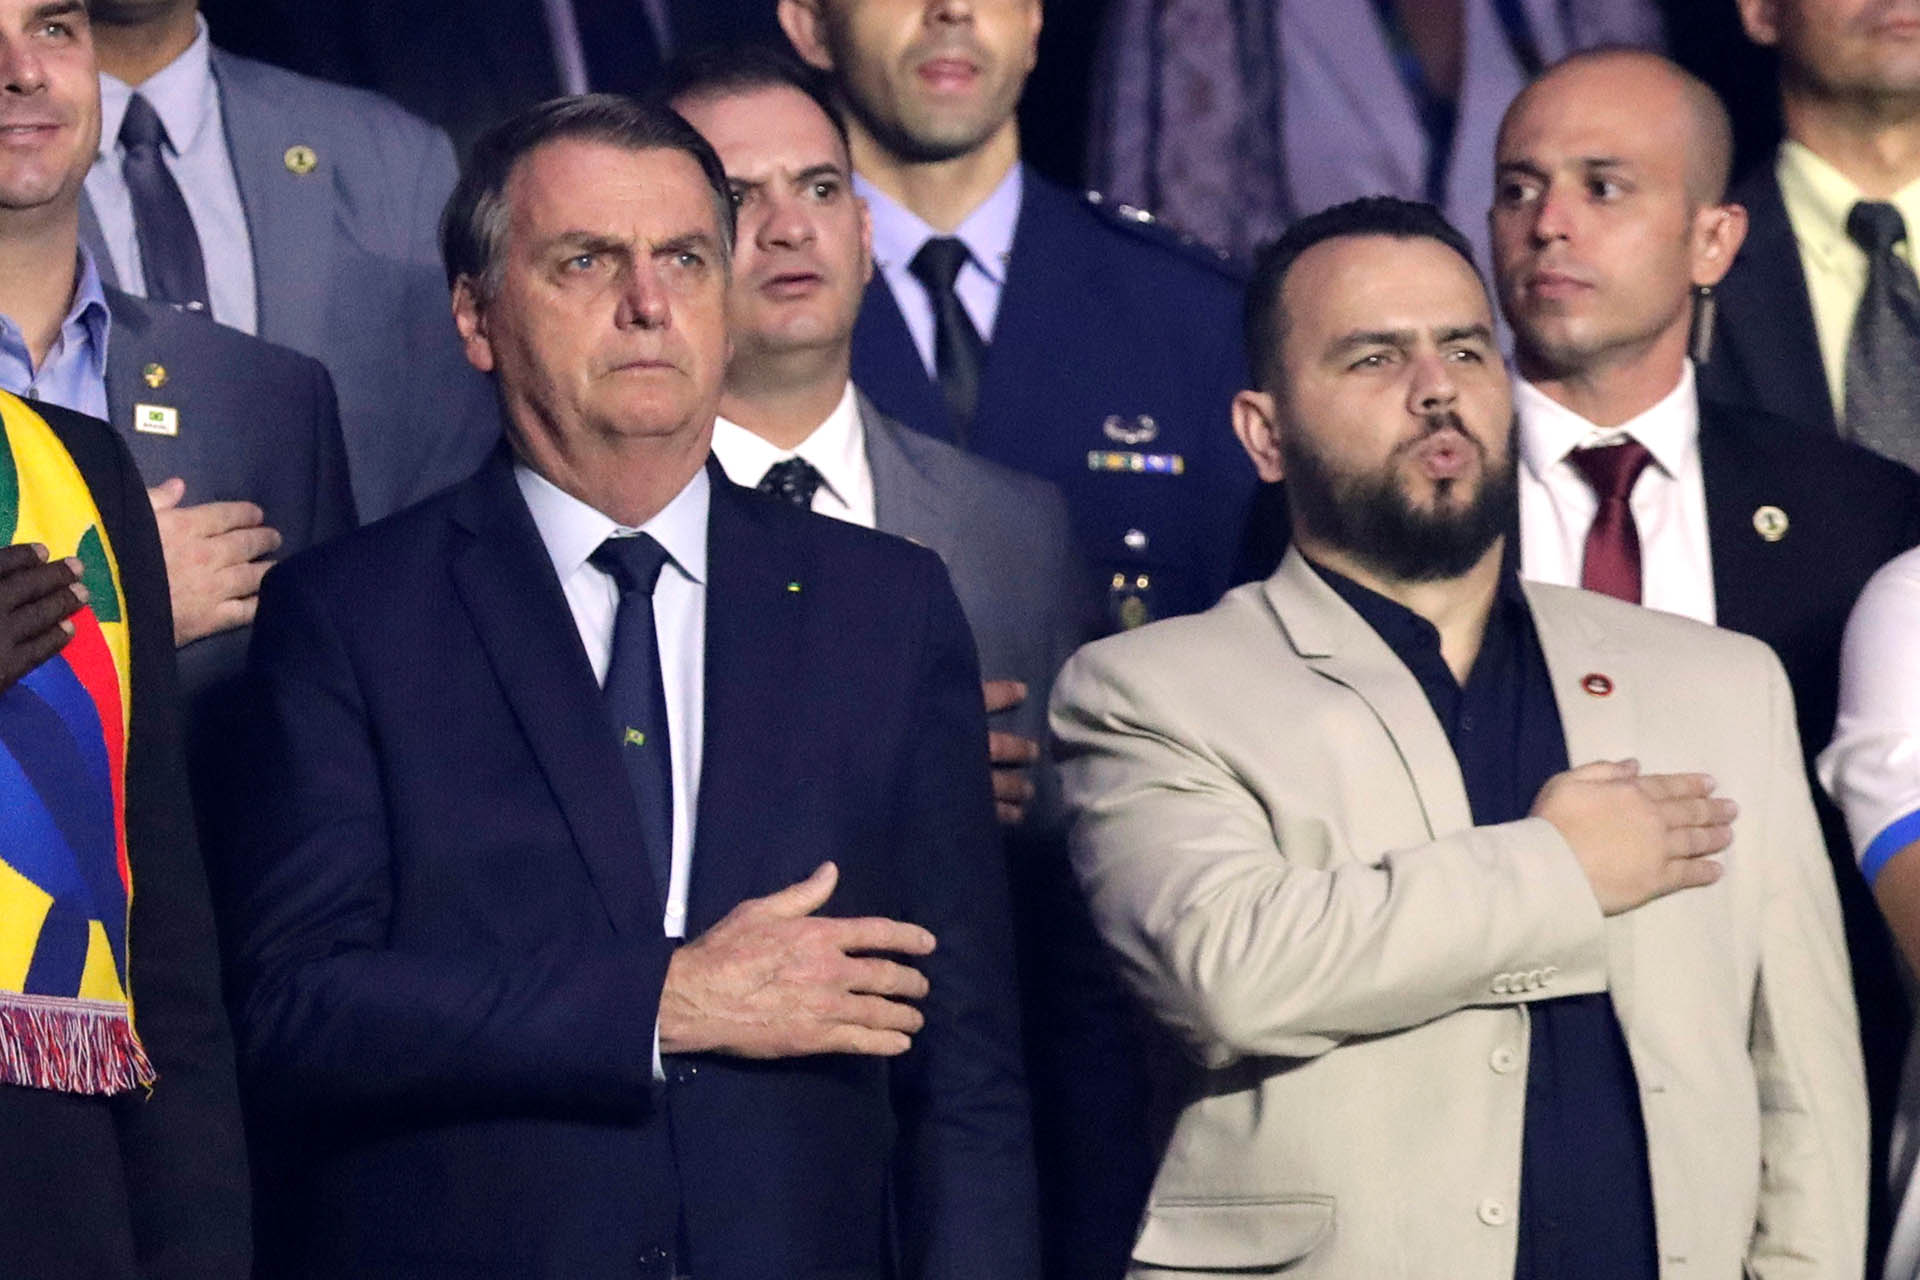 El presidente de Brasil Jair Bolsonaro estuvo en la fiesta